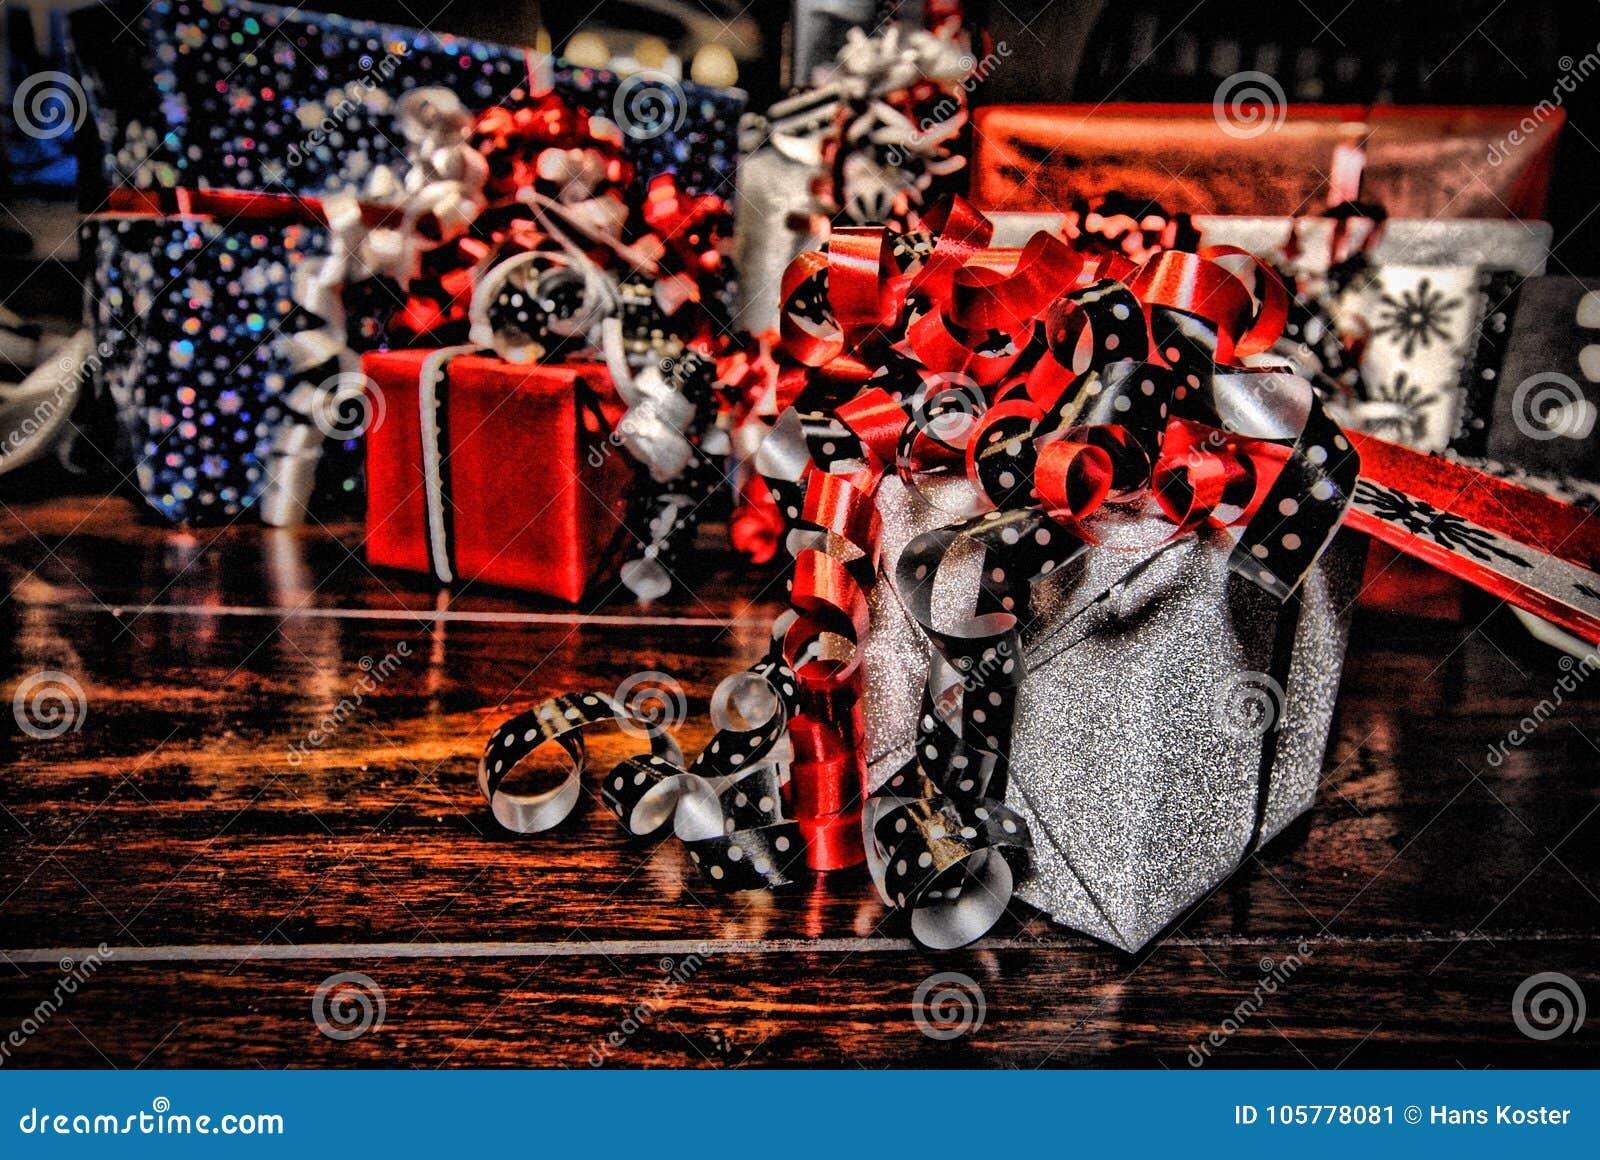 Regali di Natale avvolti in carta colorata meravigliosa HDR